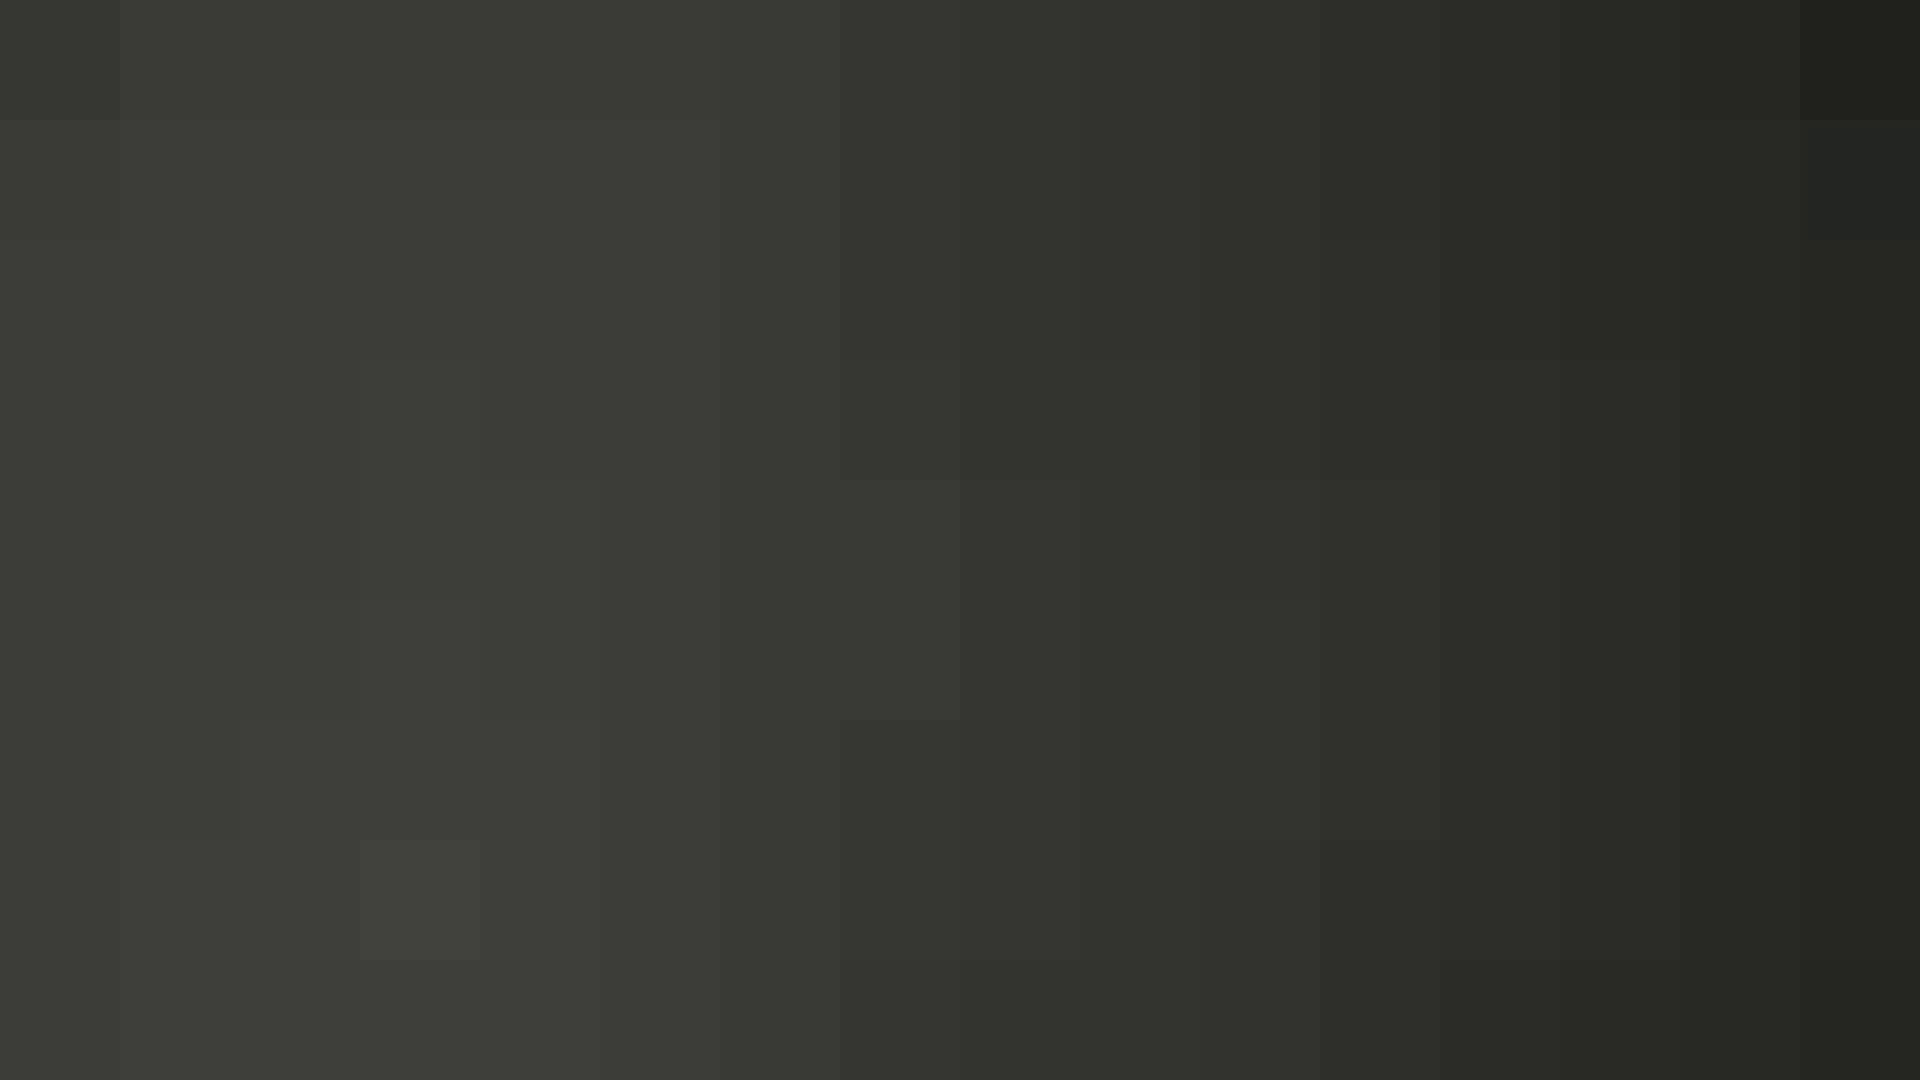 洗面所特攻隊 vol.026 お嬢さんかゆいの? 丸見え おめこ無修正動画無料 63画像 26